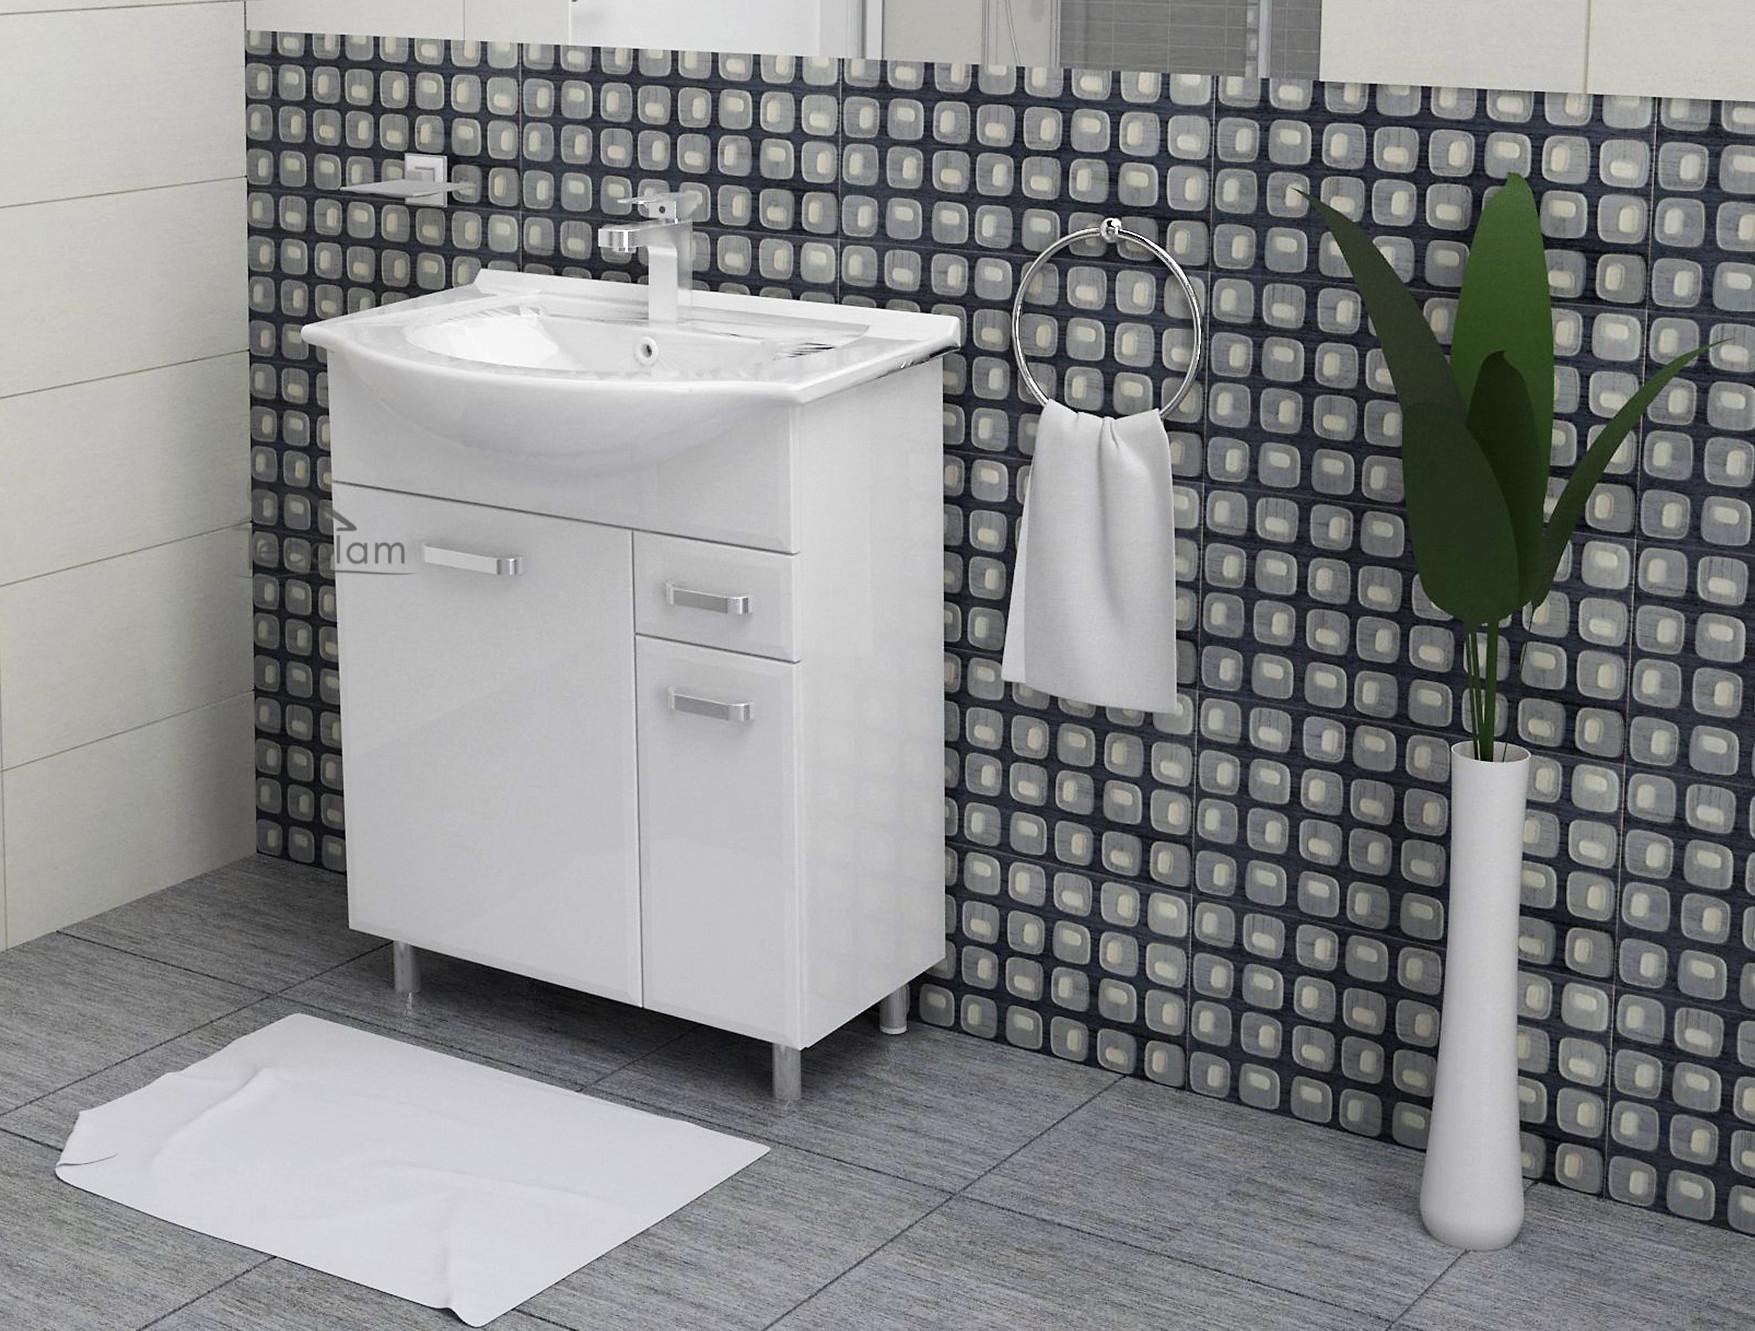 badm bel bad waschbecken 55 65 cm waschtisch. Black Bedroom Furniture Sets. Home Design Ideas